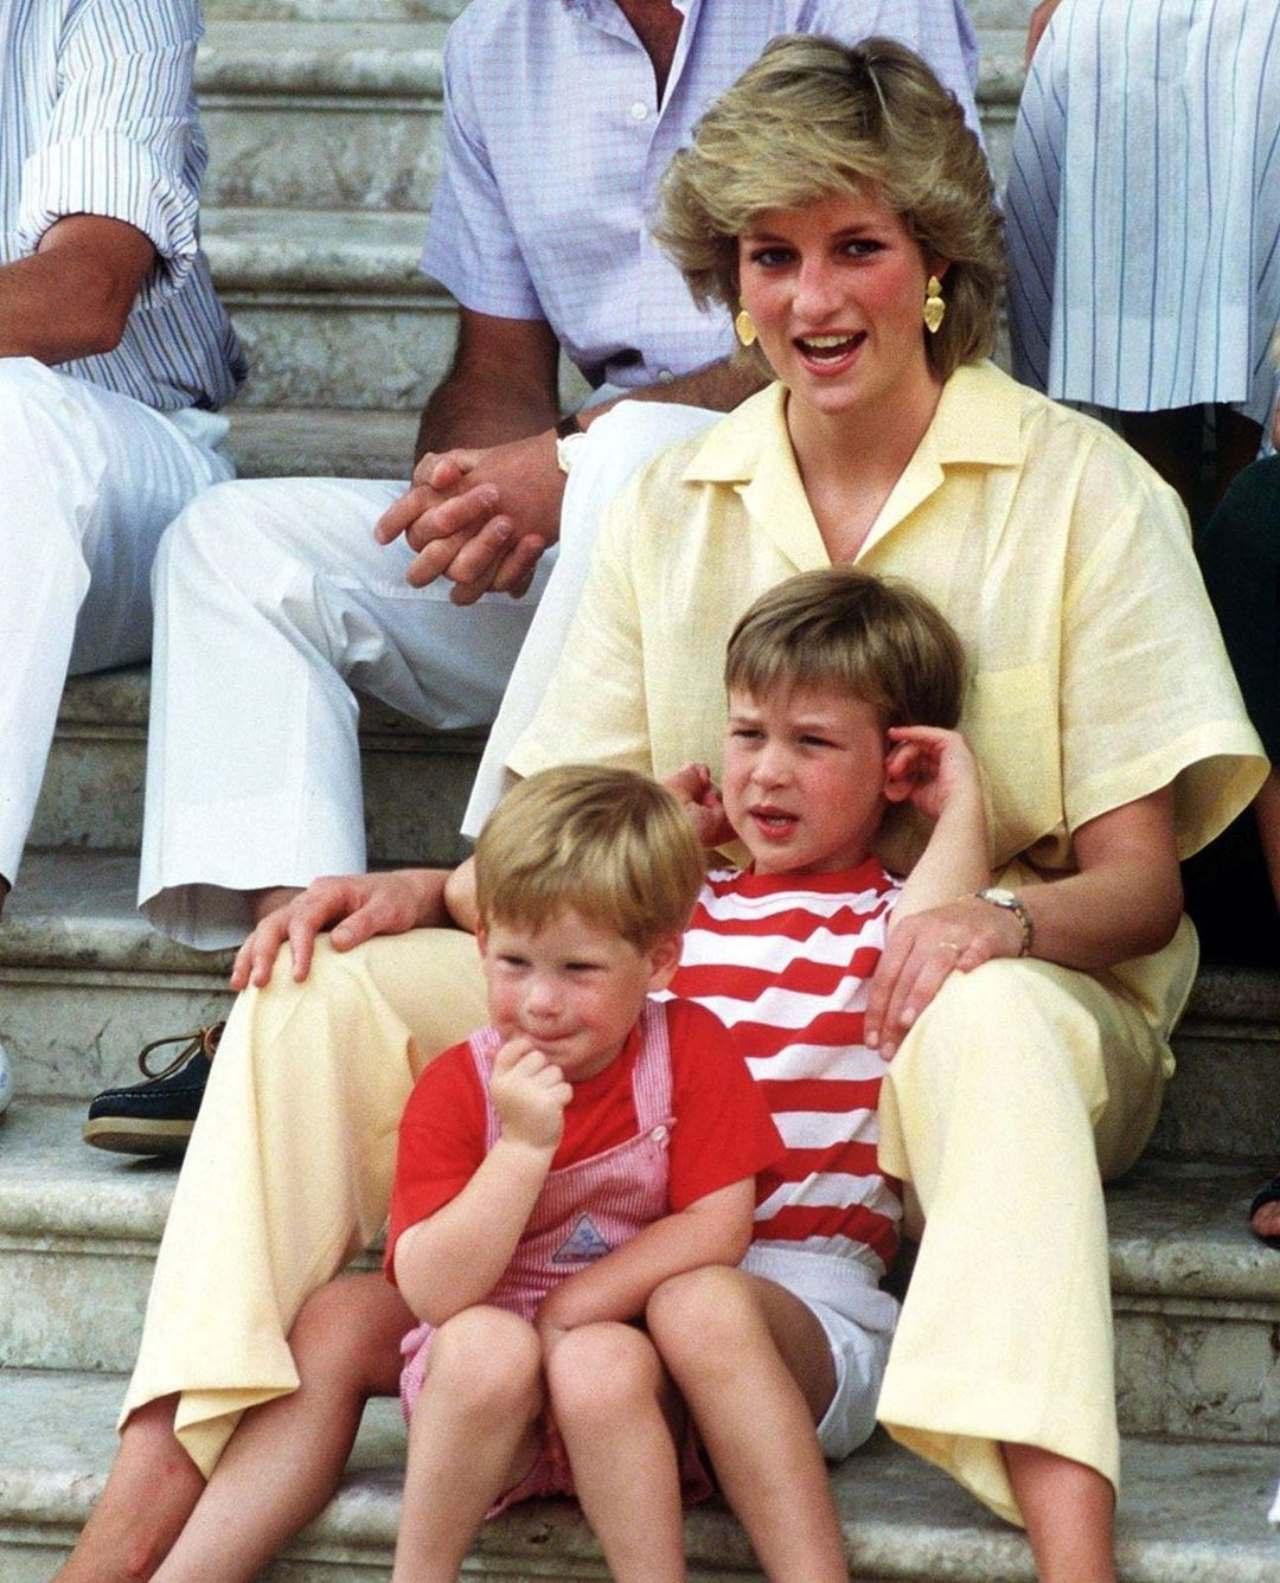 Lady di hijos William y Harry